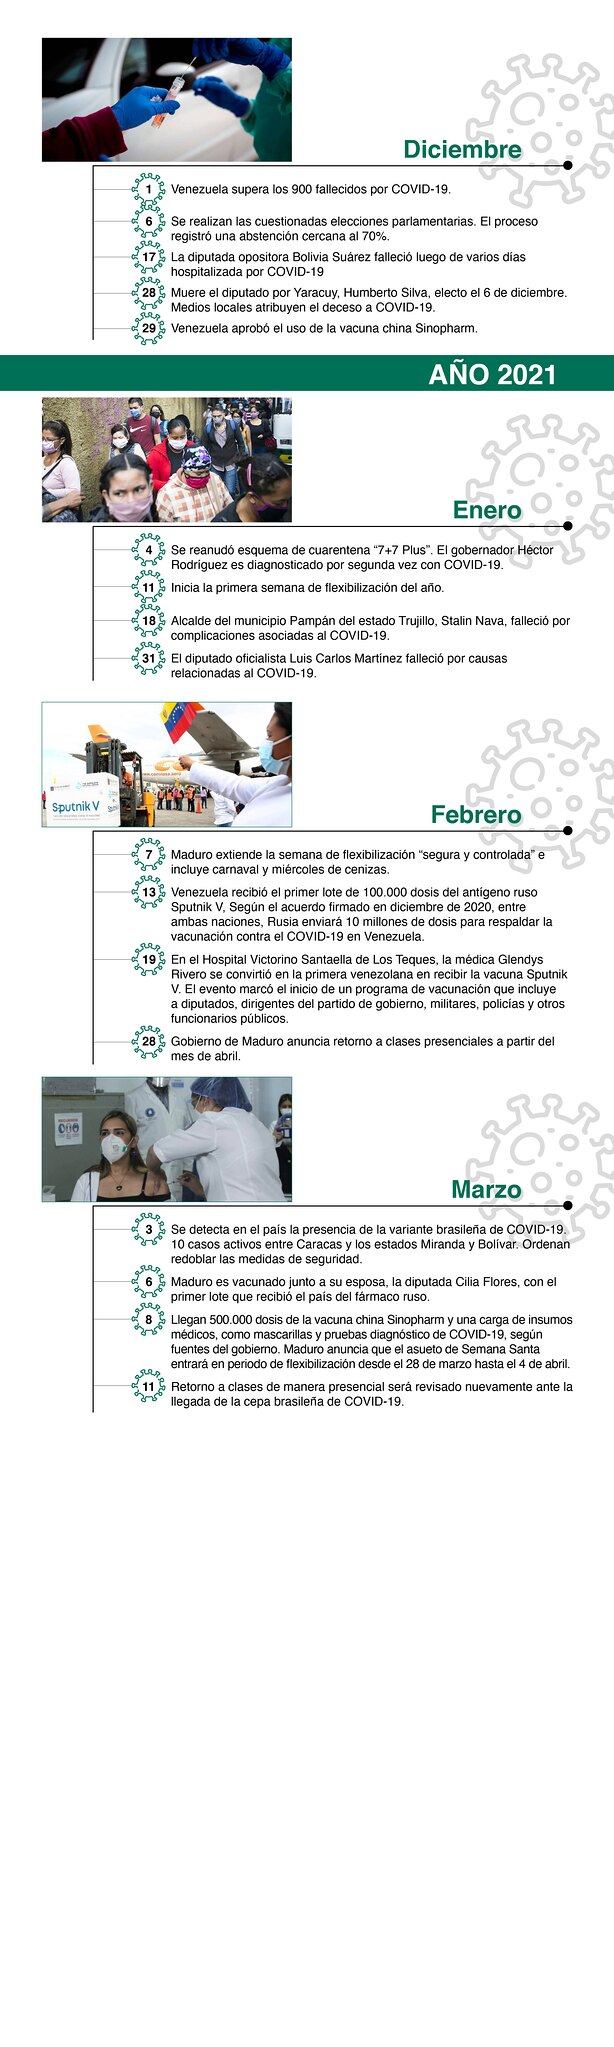 Cronología CovidVenezuelasory3 (1)